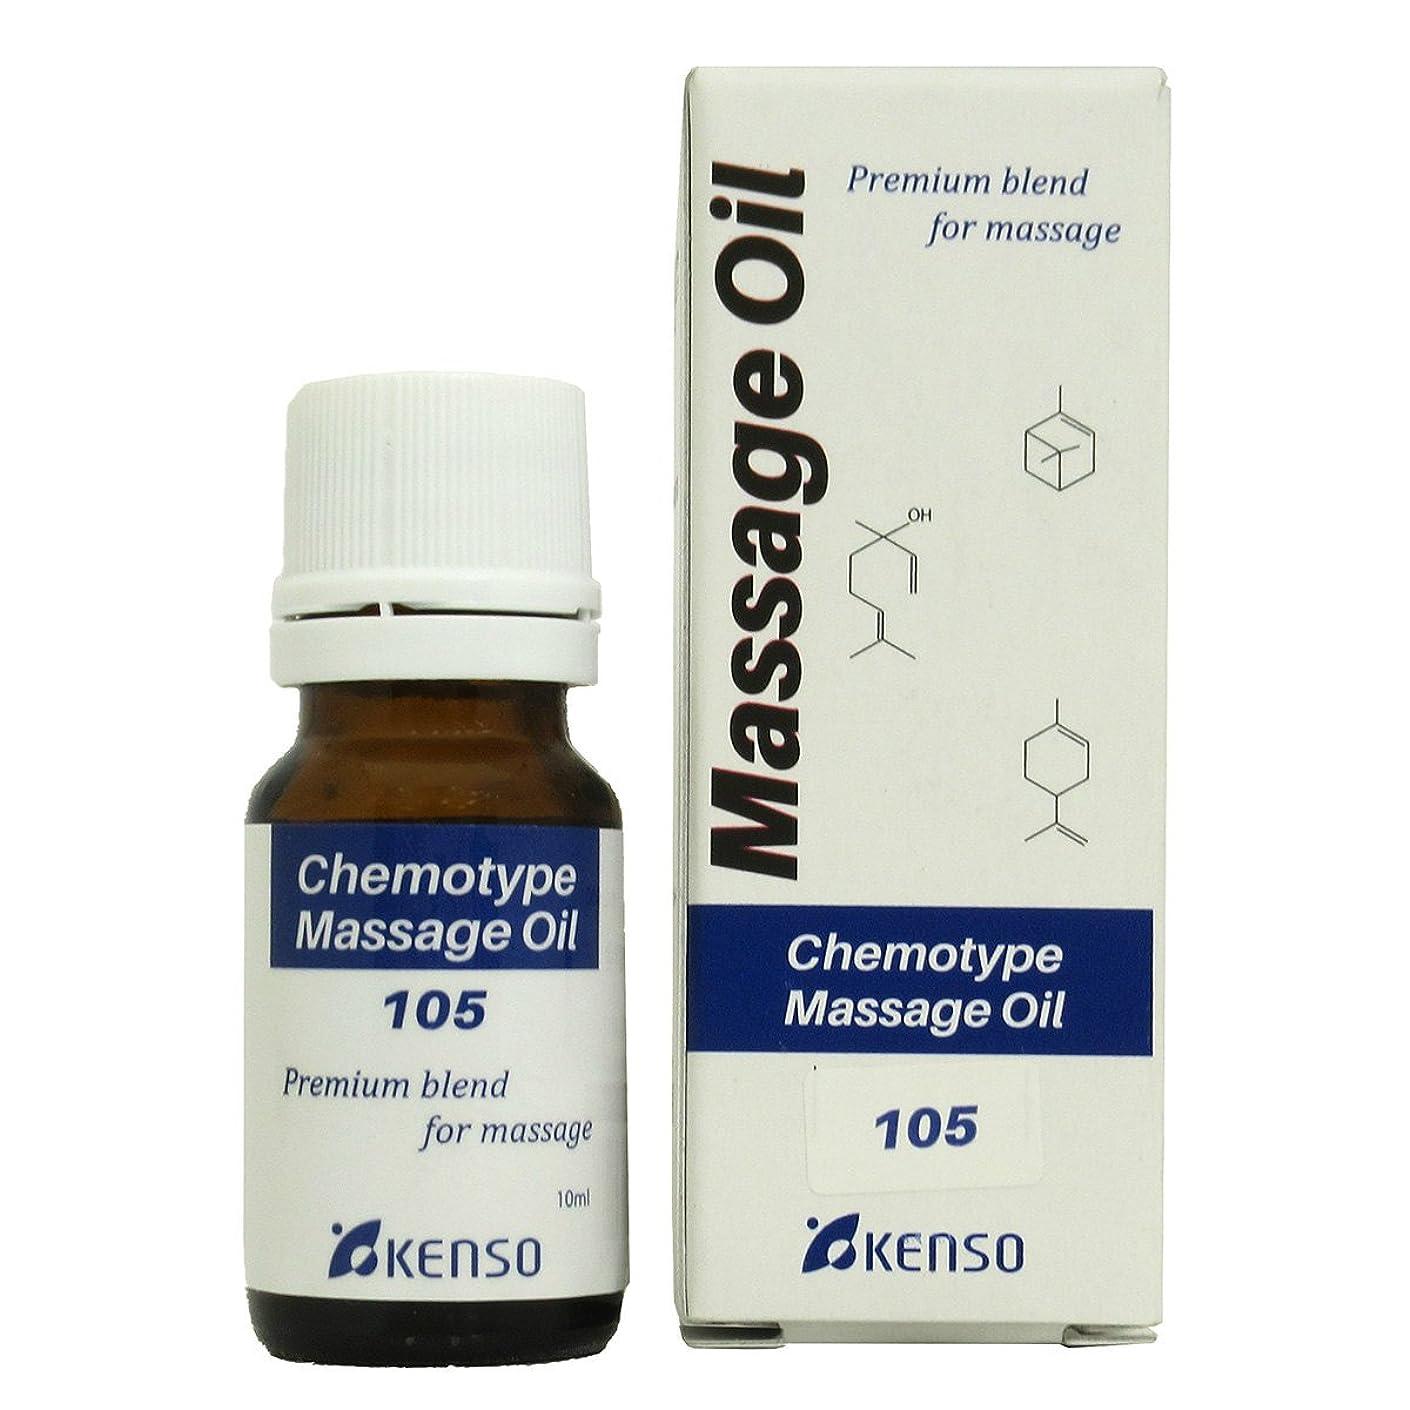 バルブ伝染性の処方ケンソー レシピNo.105 10ml (健草医学舎 マッサージオイル Nシリーズ)